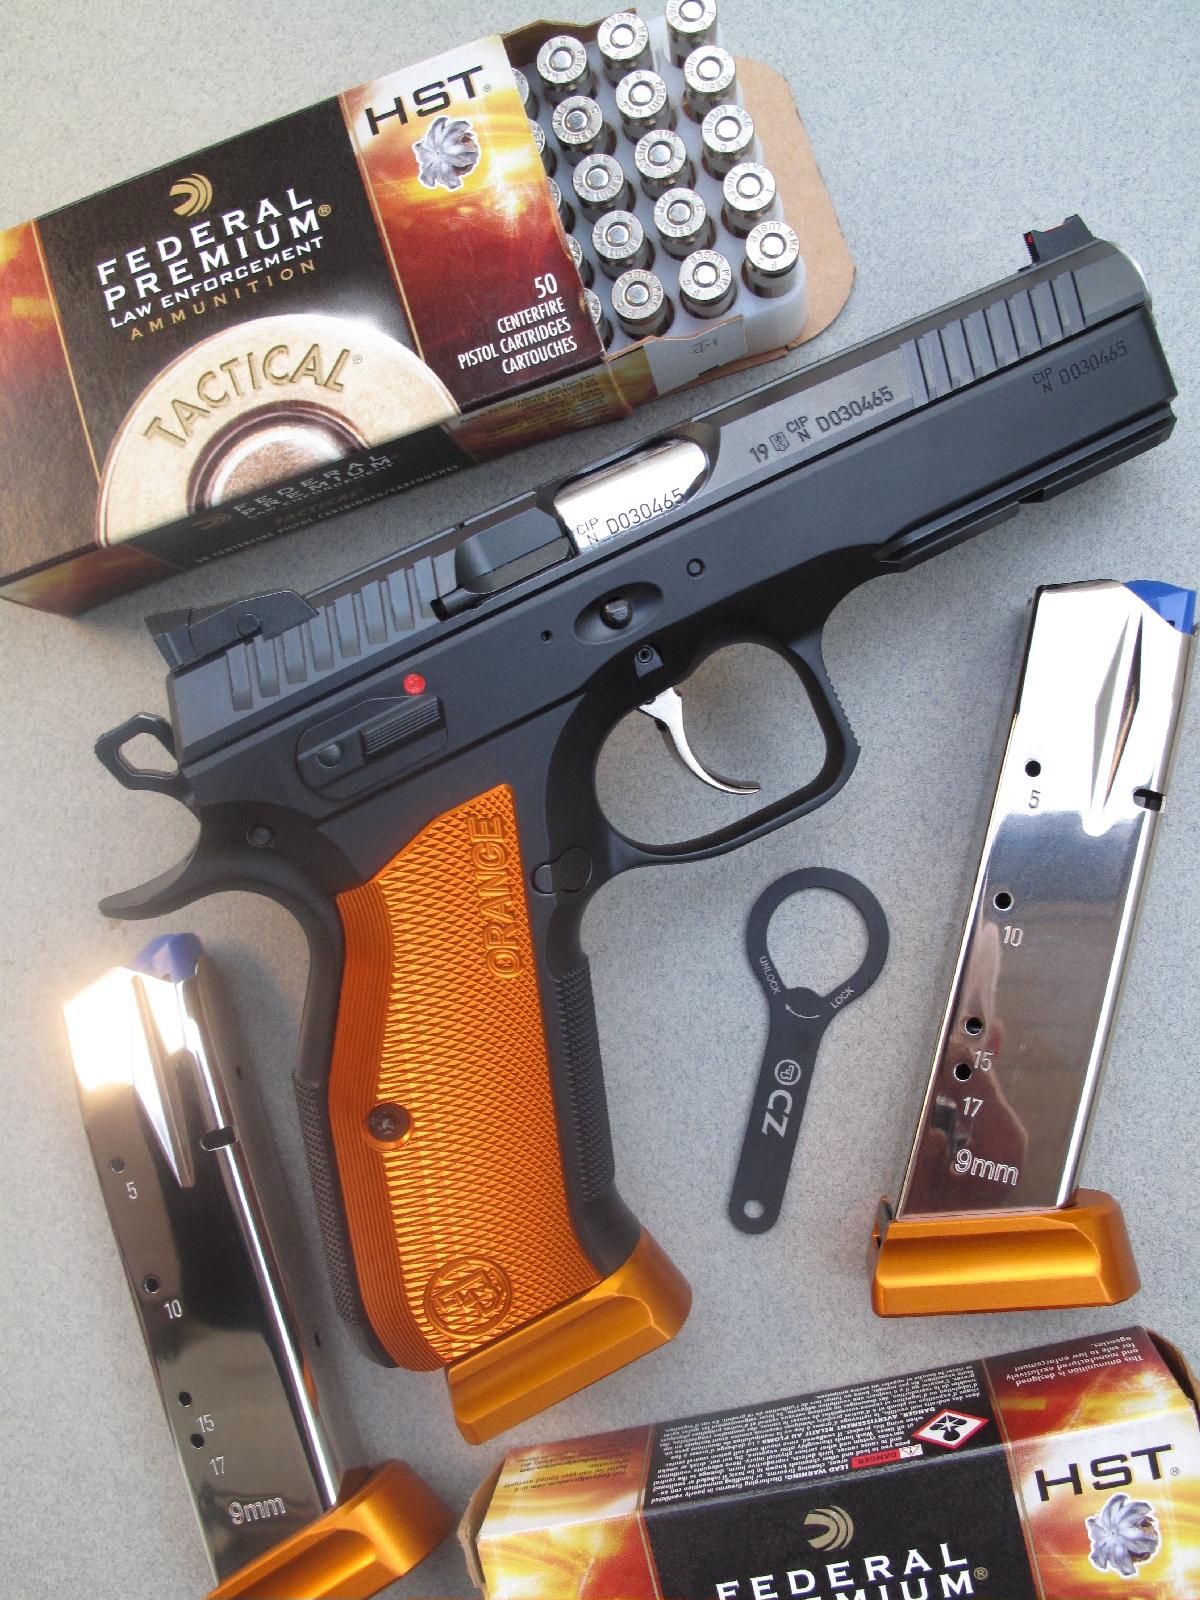 Le pistolet CZ 75 Shadow 2 Orange avec ses trois chargeurs, accompagné par sa clé de bushing et par des munitions à balle expansive Law Enforcement Tactical manufacturées par la firme américaine Federal.